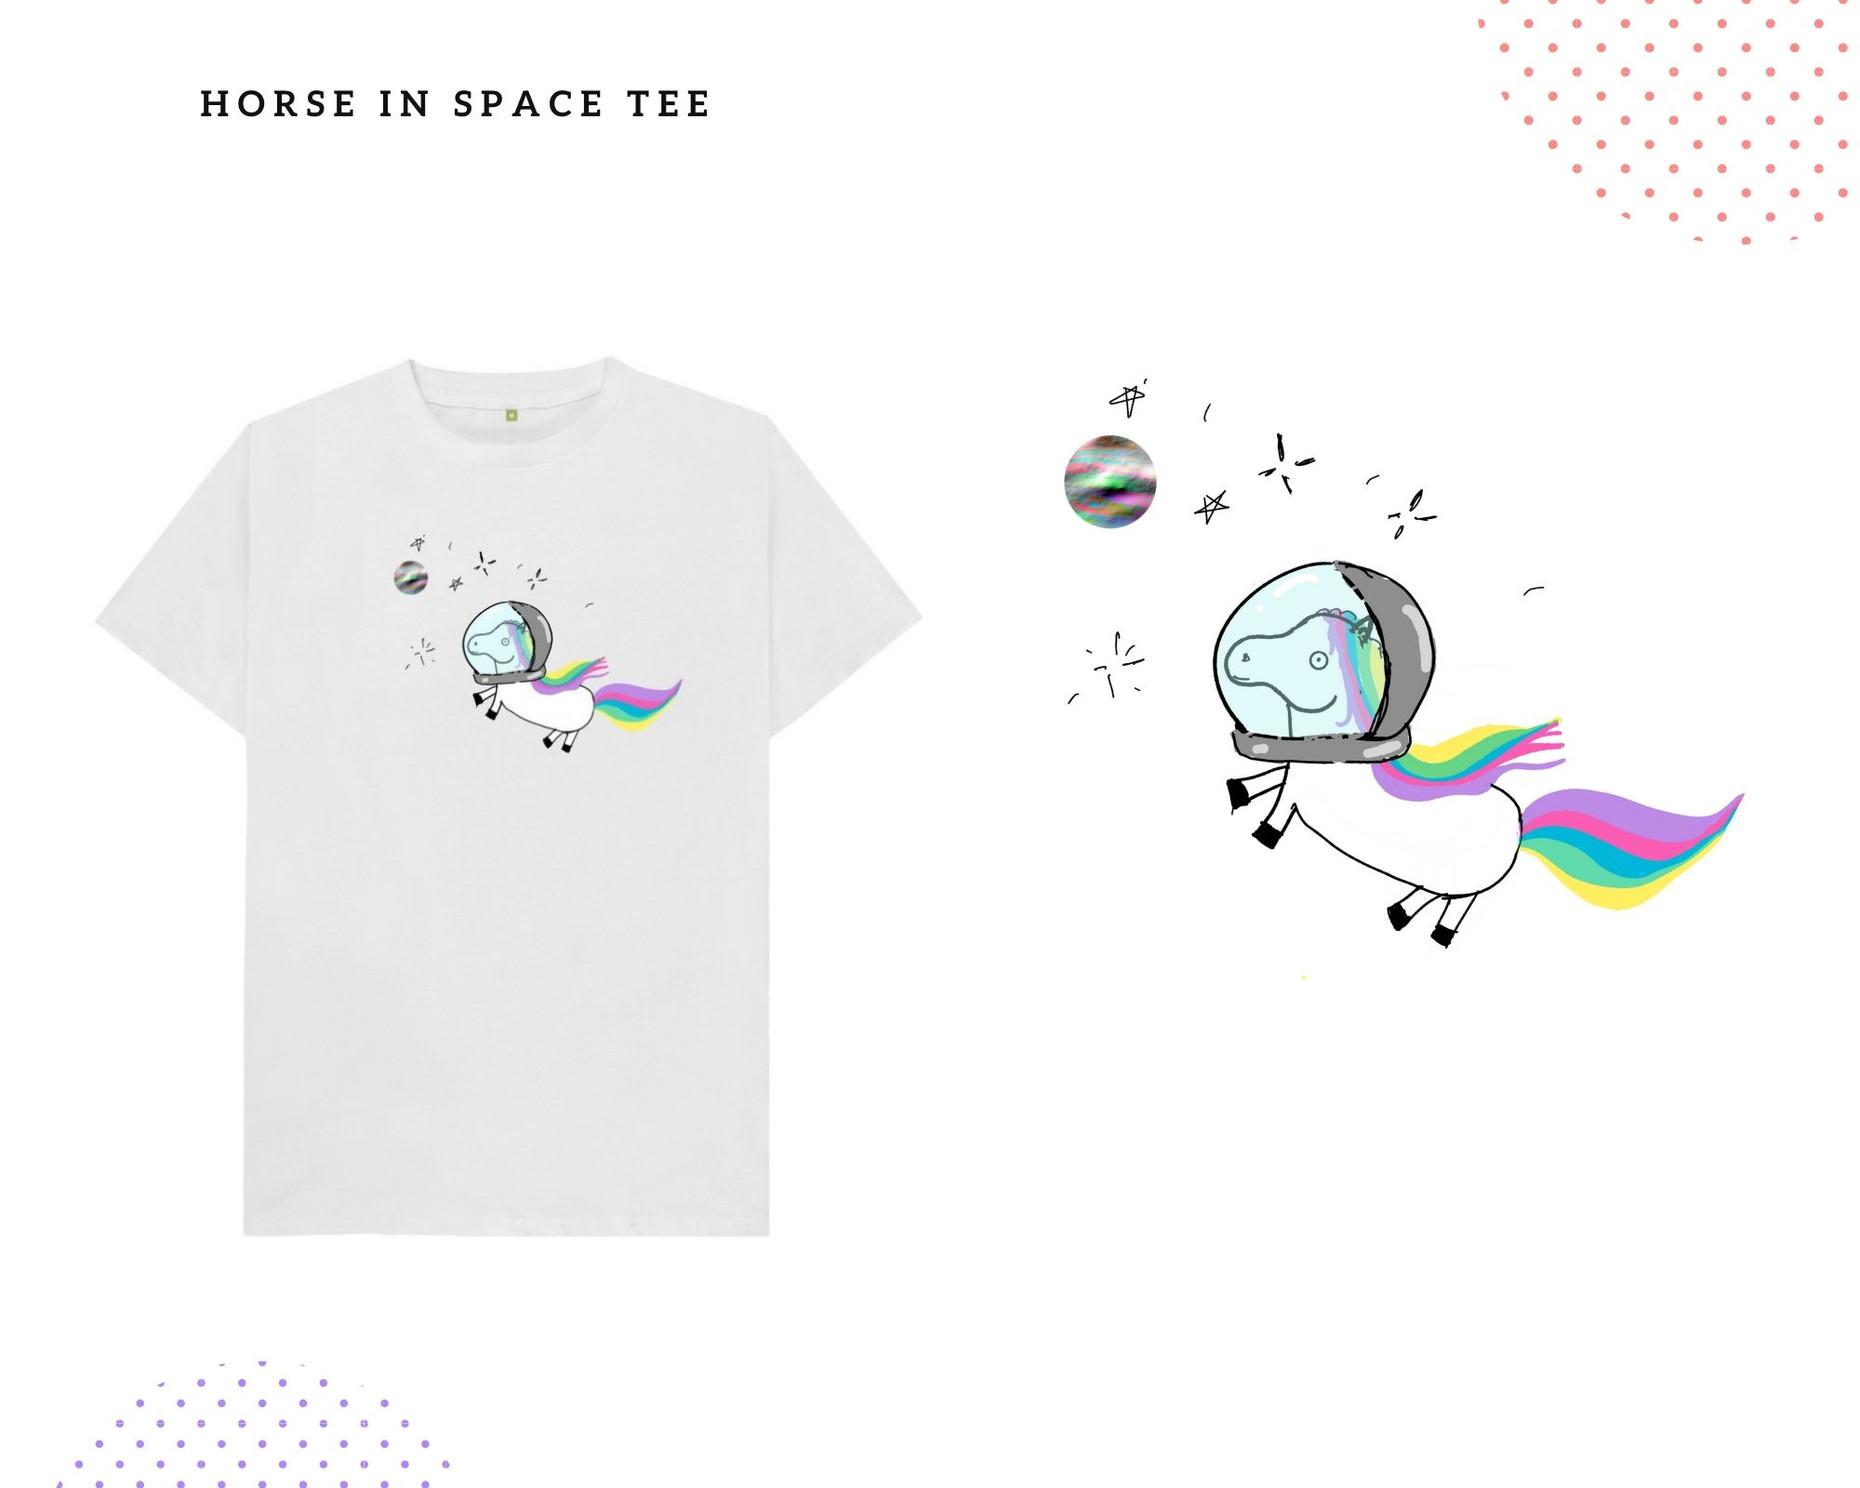 Horse in Space Tee - © Hela Sharkas 2020